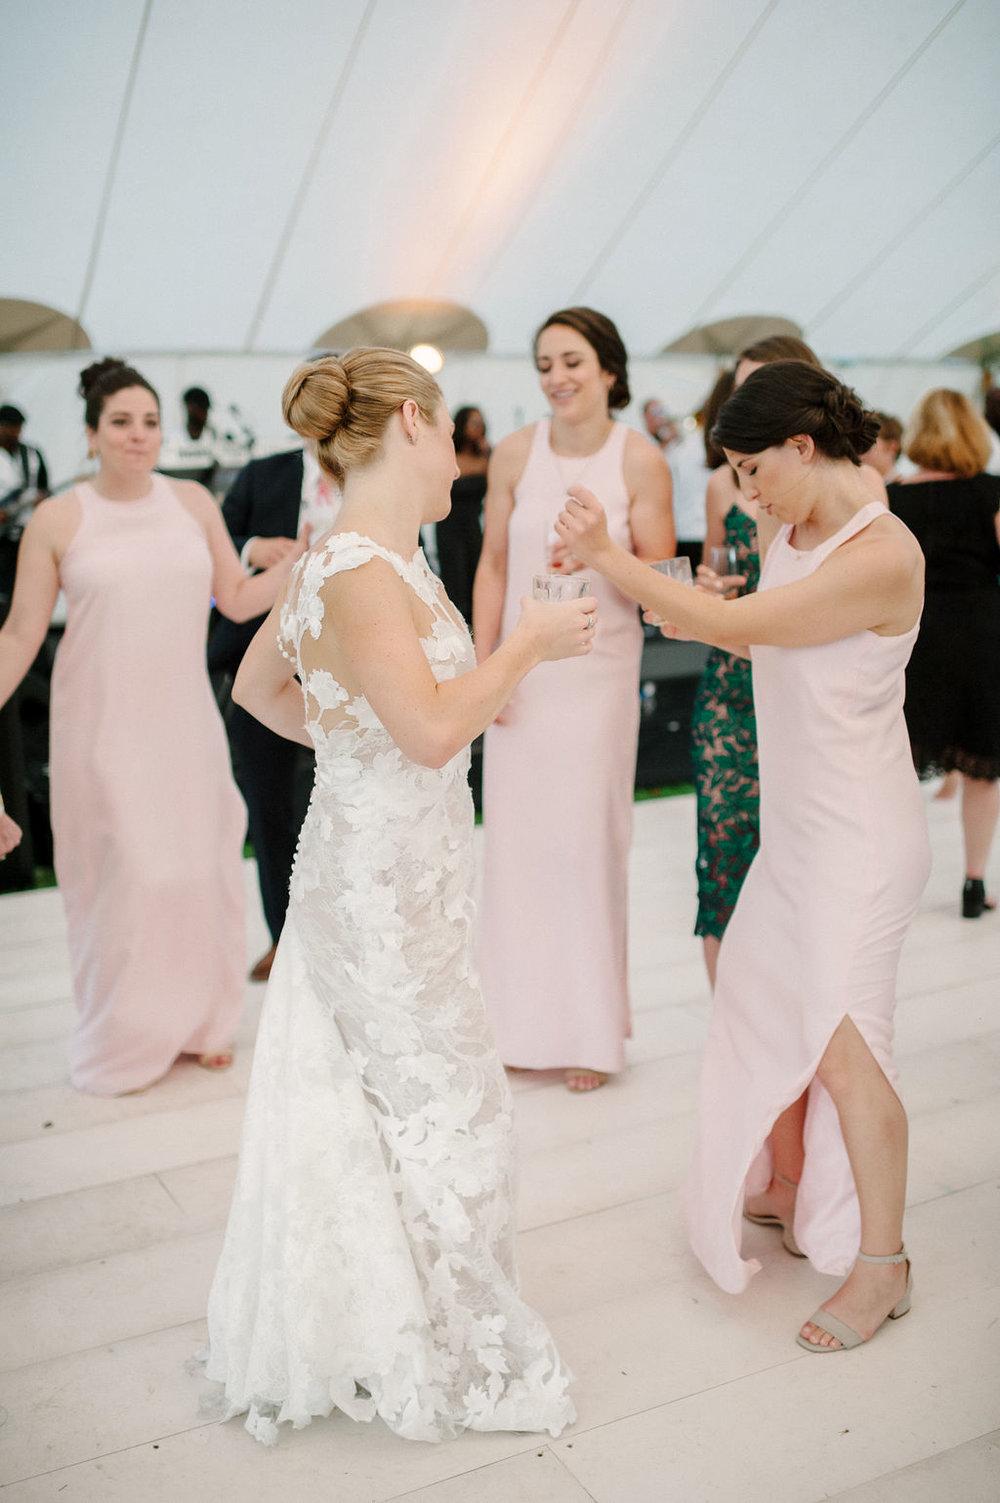 North Carolina Wedding, Events by Reagan, Destination Wedding Planner,  Bride, Dancing